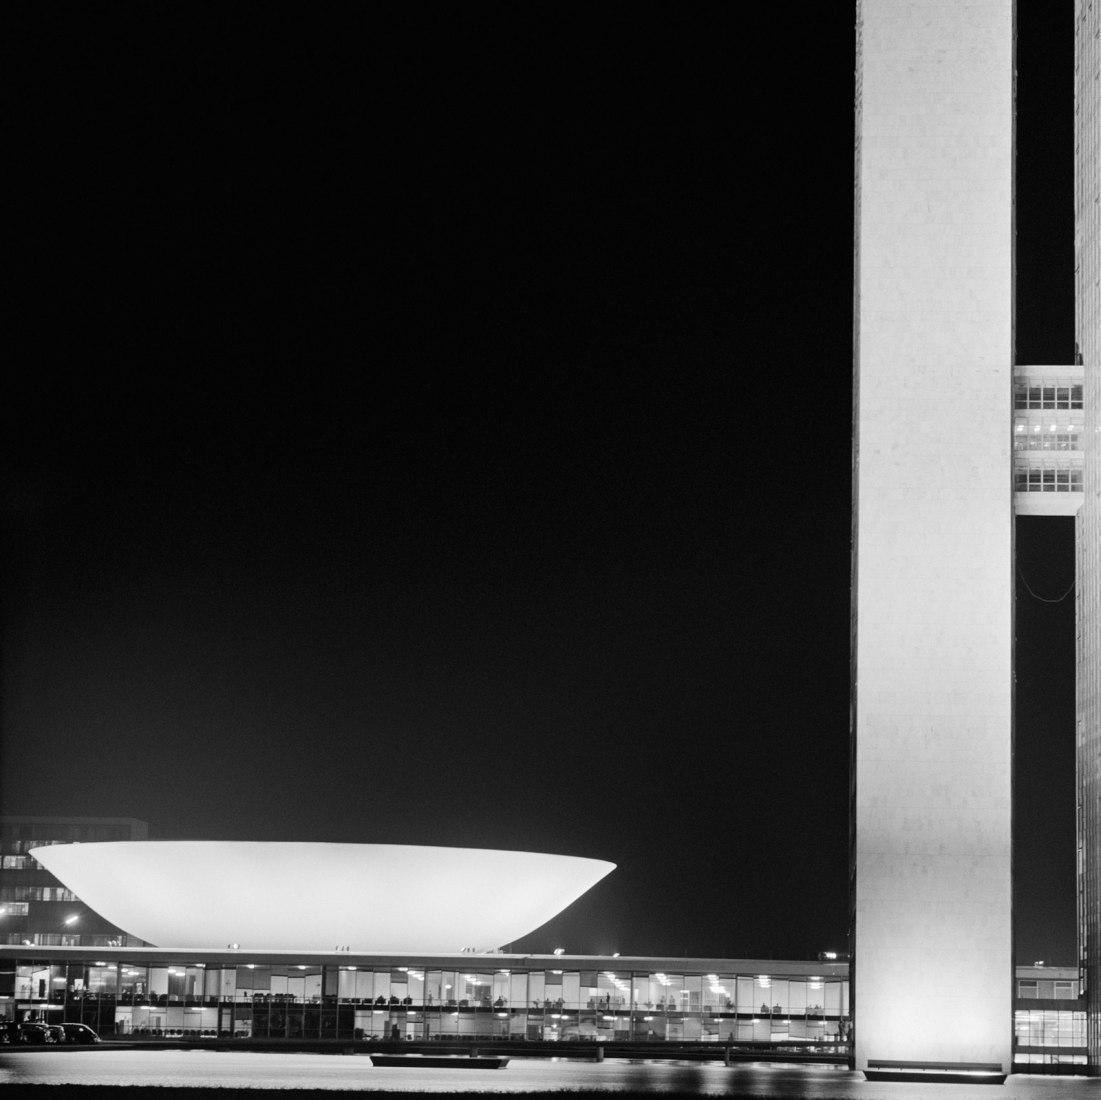 """(Vista nocturna del congreso nacional) """"Untitled 8"""" Impresión digital en color, edición de 15. Tamaño 48"""